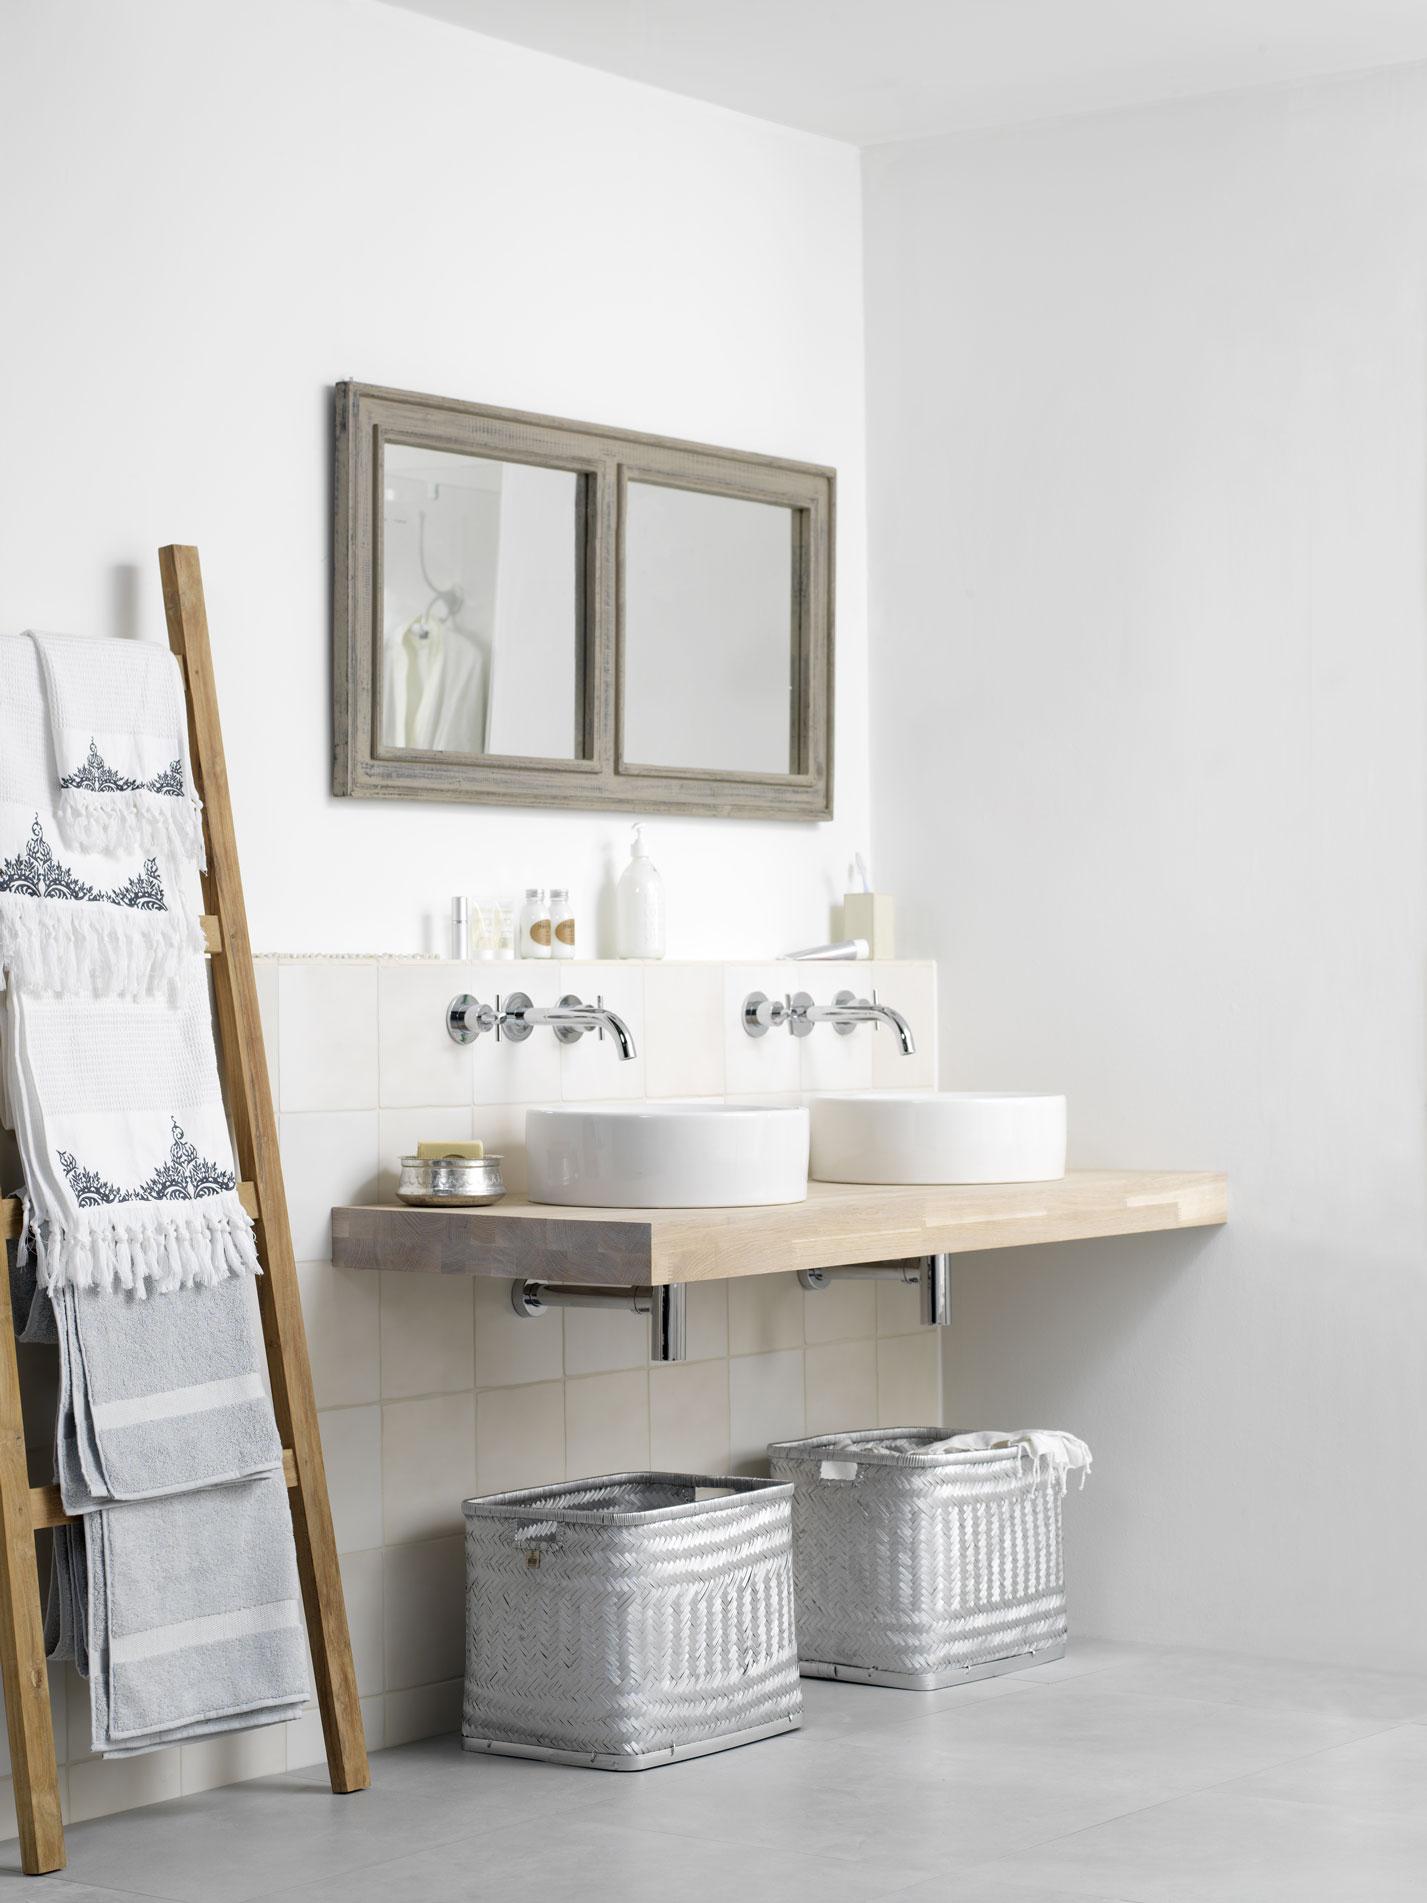 21 badkamer keuken duitsland brigee